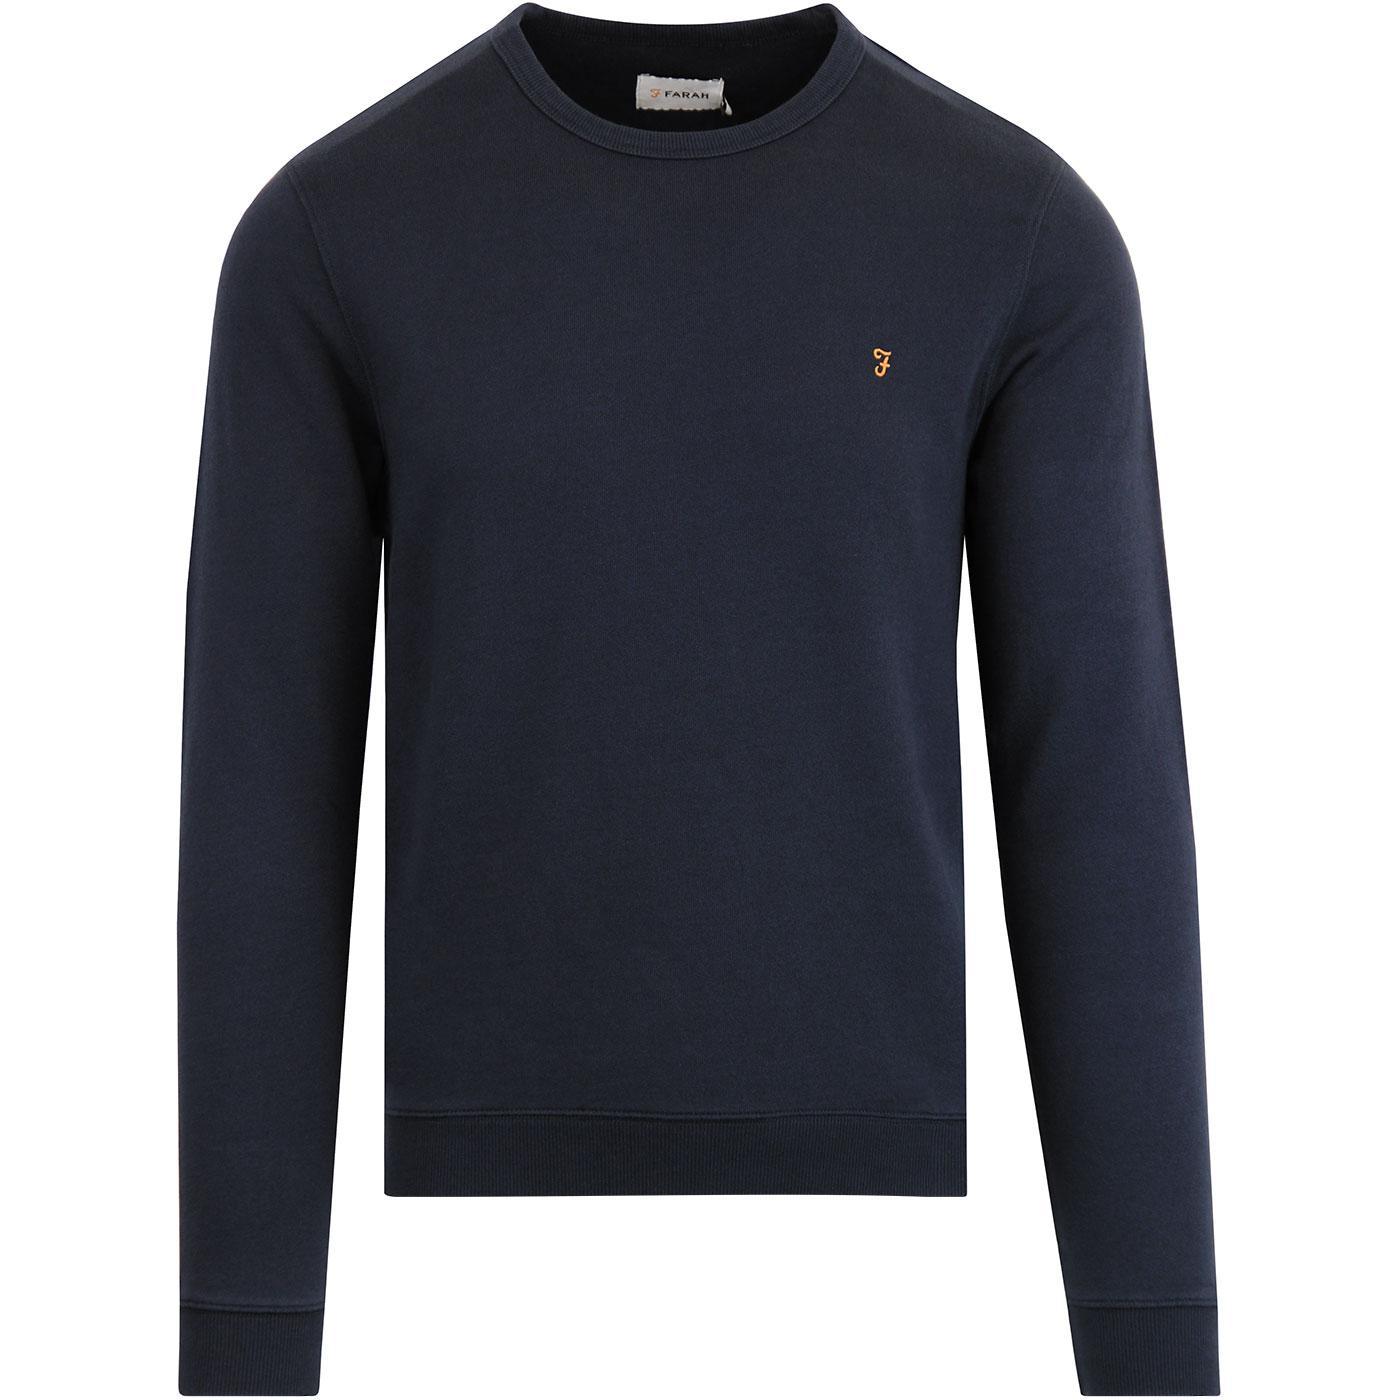 Pickewell FARAH Mens Retro Indie Sweatshirt (Yale)